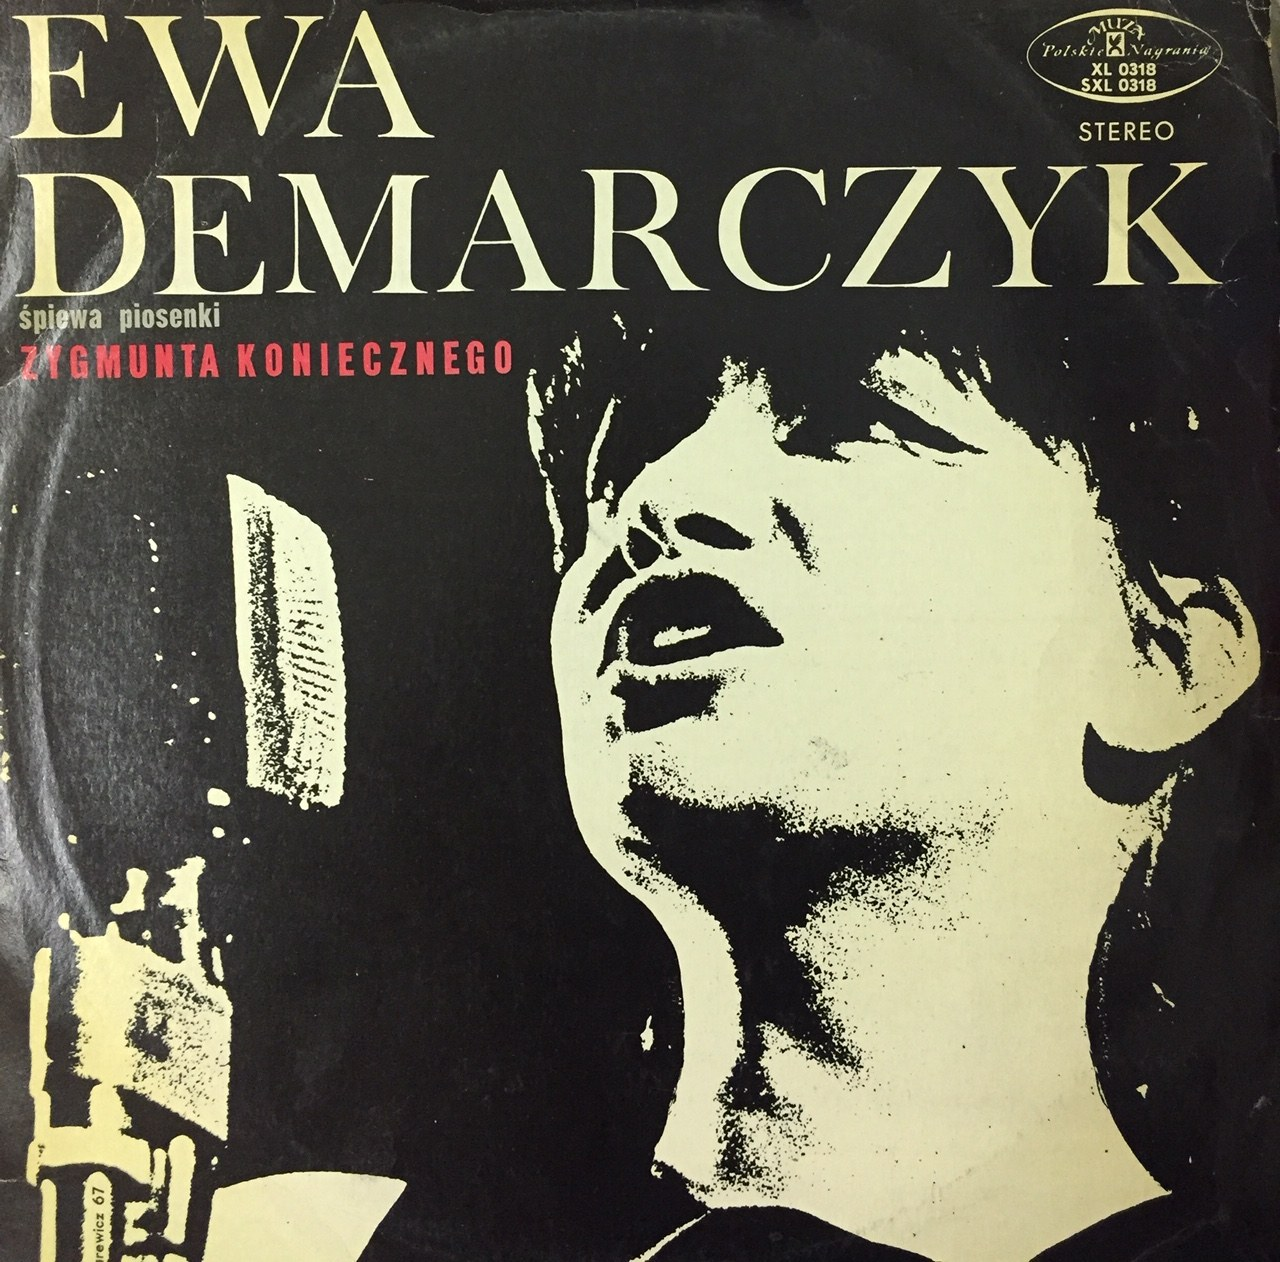 Ewa Demarczyk - piosenki Zygmunta Koniecznego